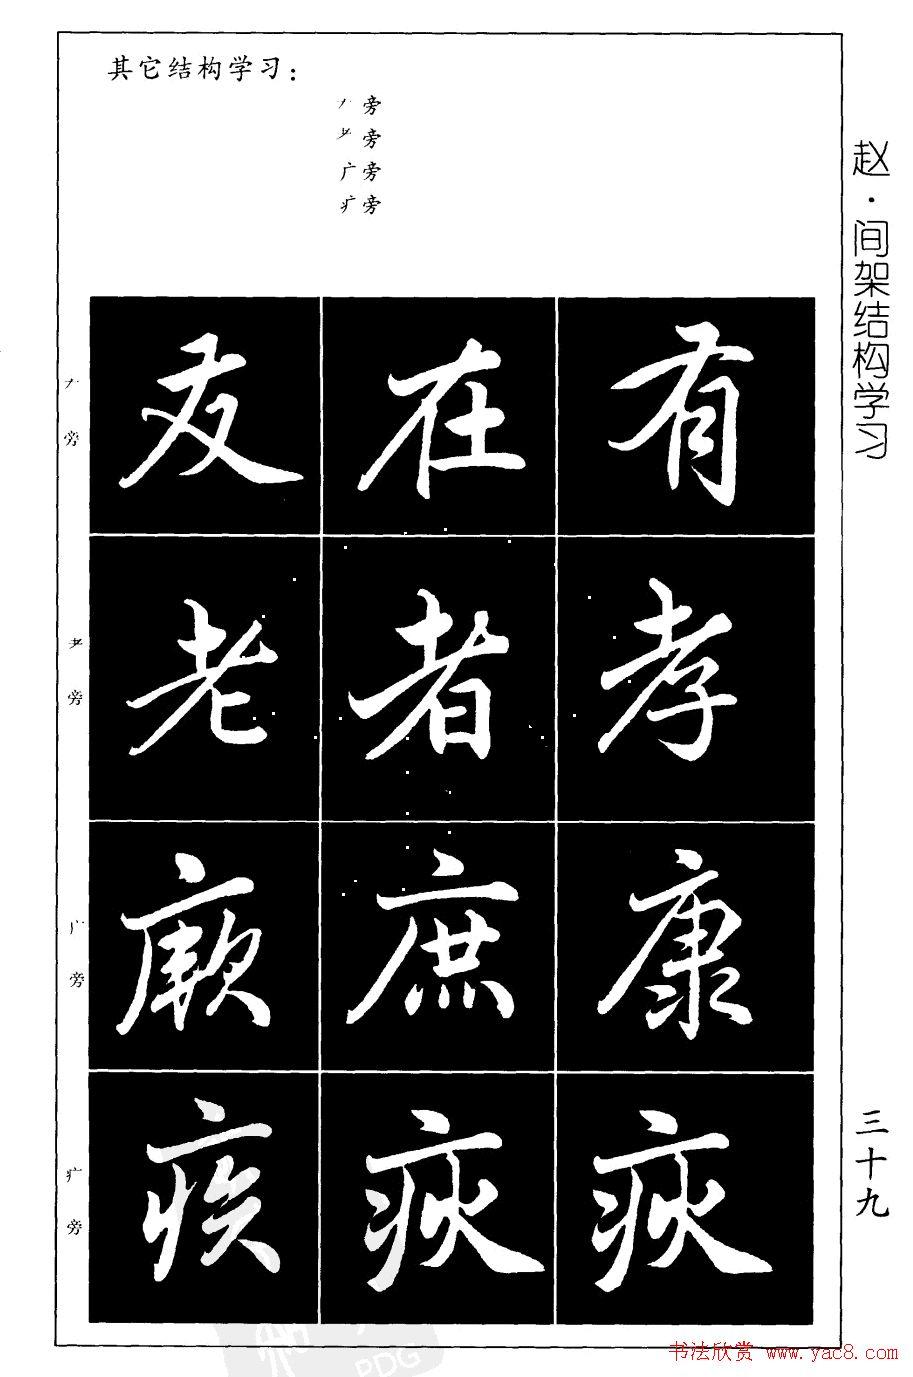 赵孟頫楷书习字帖放大图片44P 第20页 楷书字帖 书法欣赏